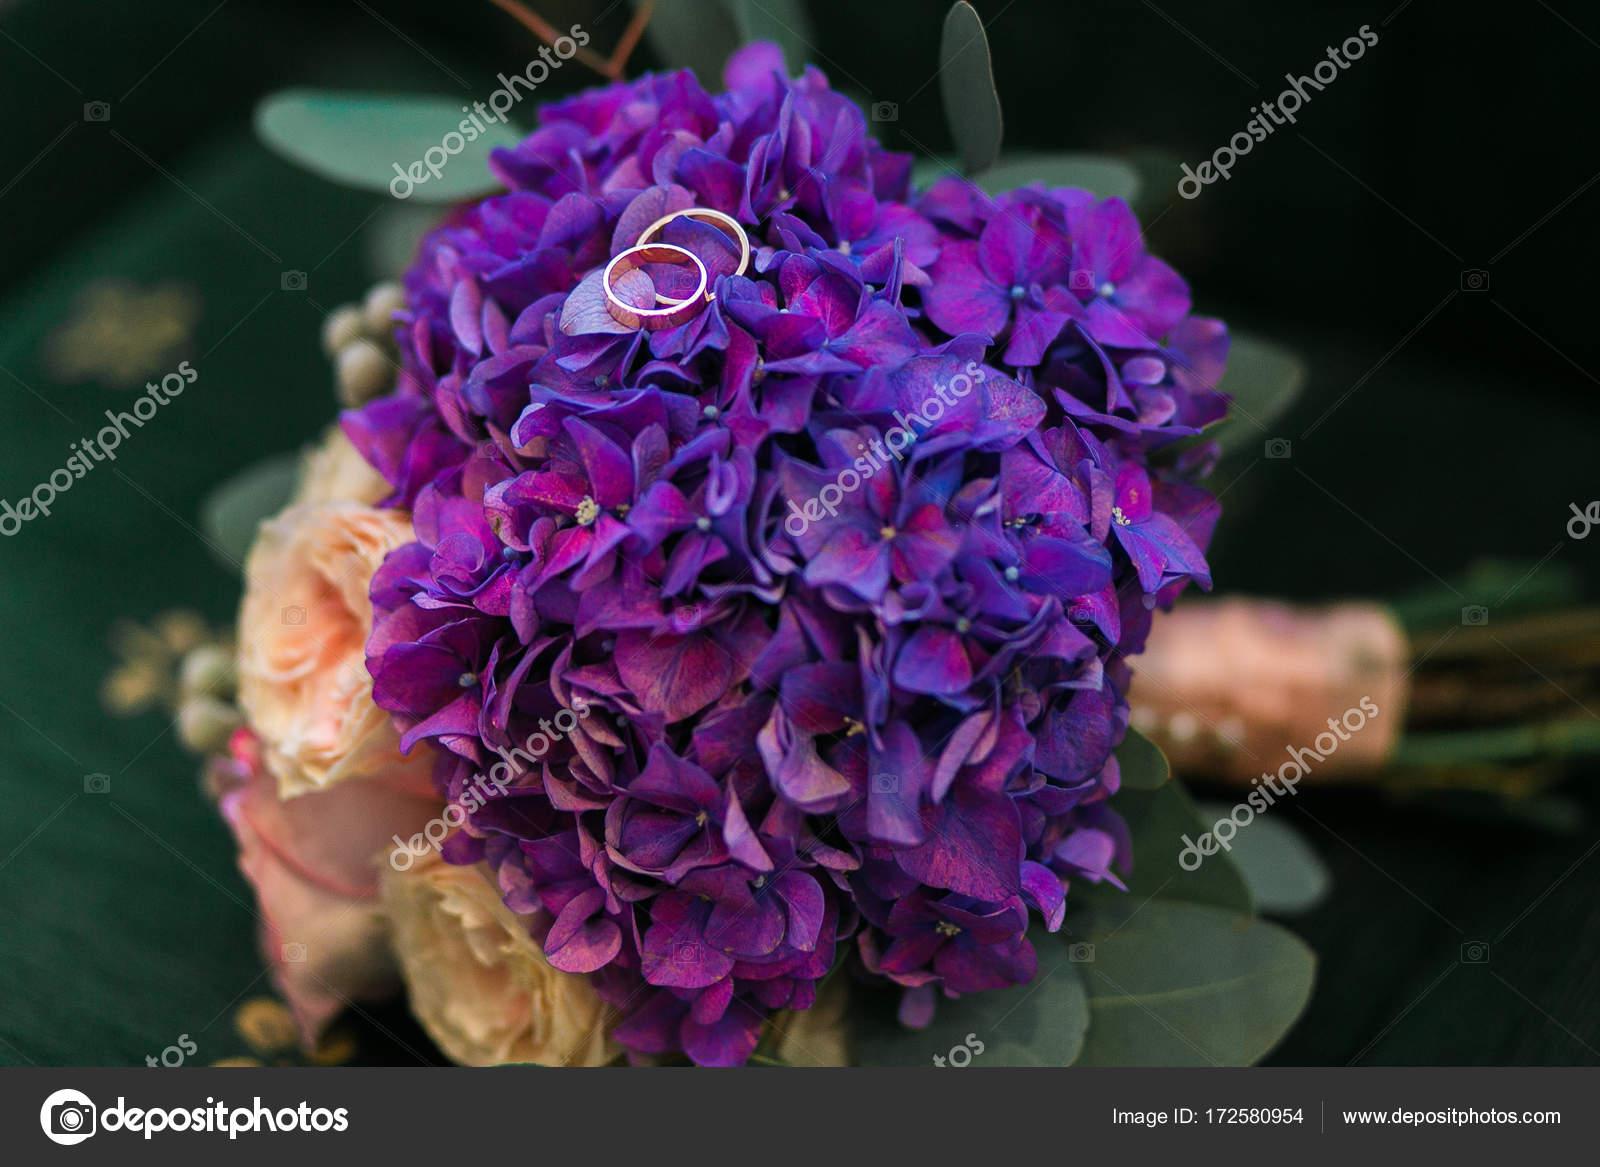 Goldene Hochzeit Ringe Auf Blumenstrauss Lila Hortensie Rosa Rosen